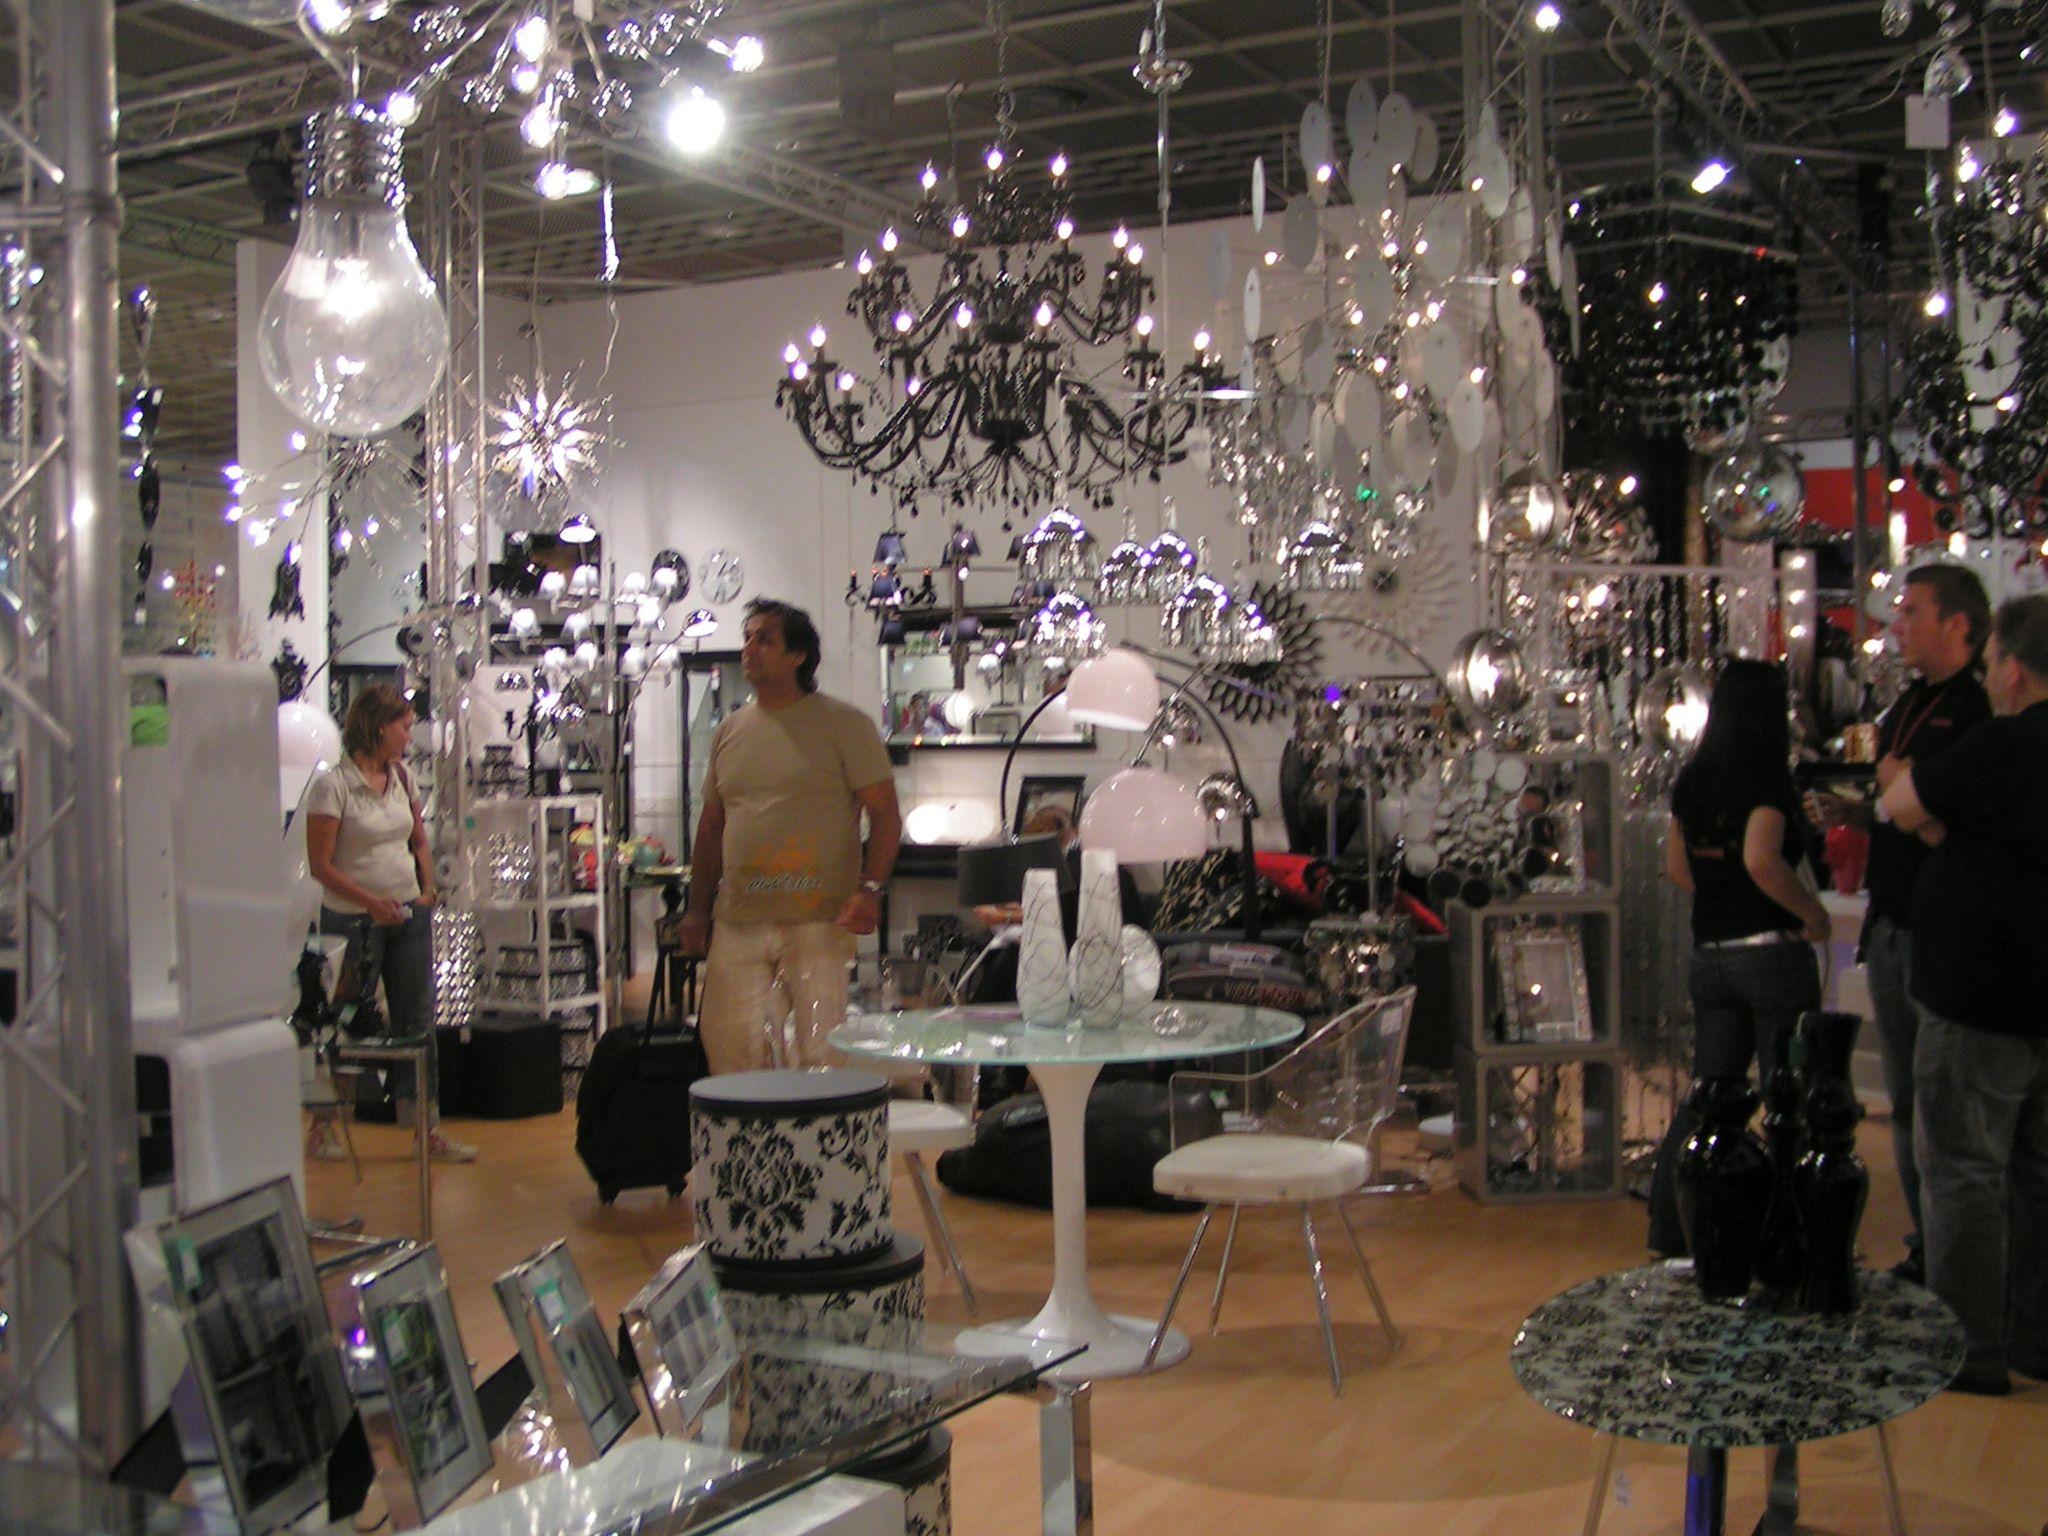 Viel Schwarz, viel Kristall, viel Silber. Große Trends: Üppige Spiegel,  Tische und Vasen mit Spiegelmosaiken verziert und oppulente Silber-